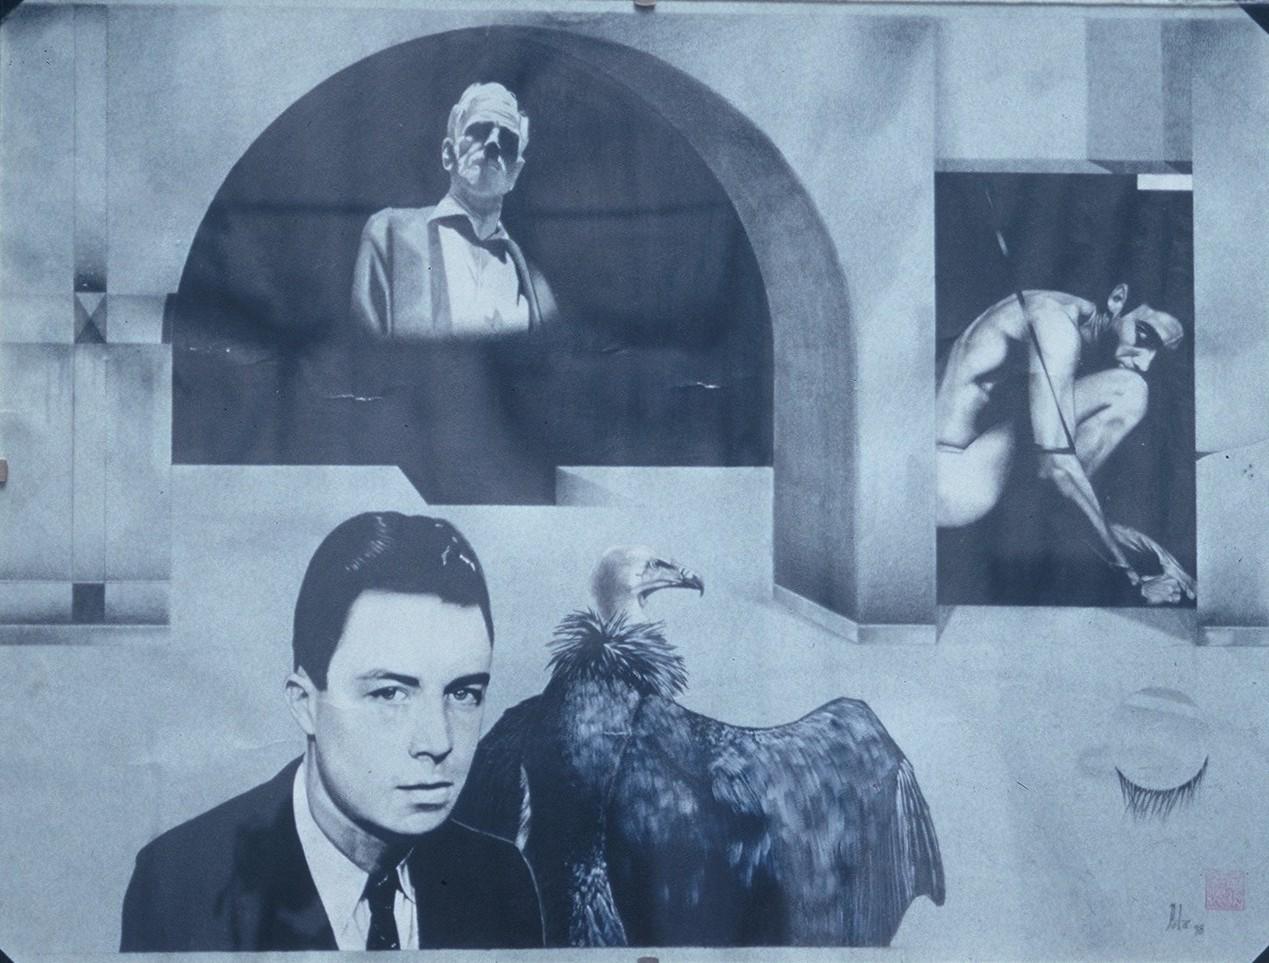 Omslag for boka Pesten av Albert Camus: Perfekt bok å lese under koronakrisa